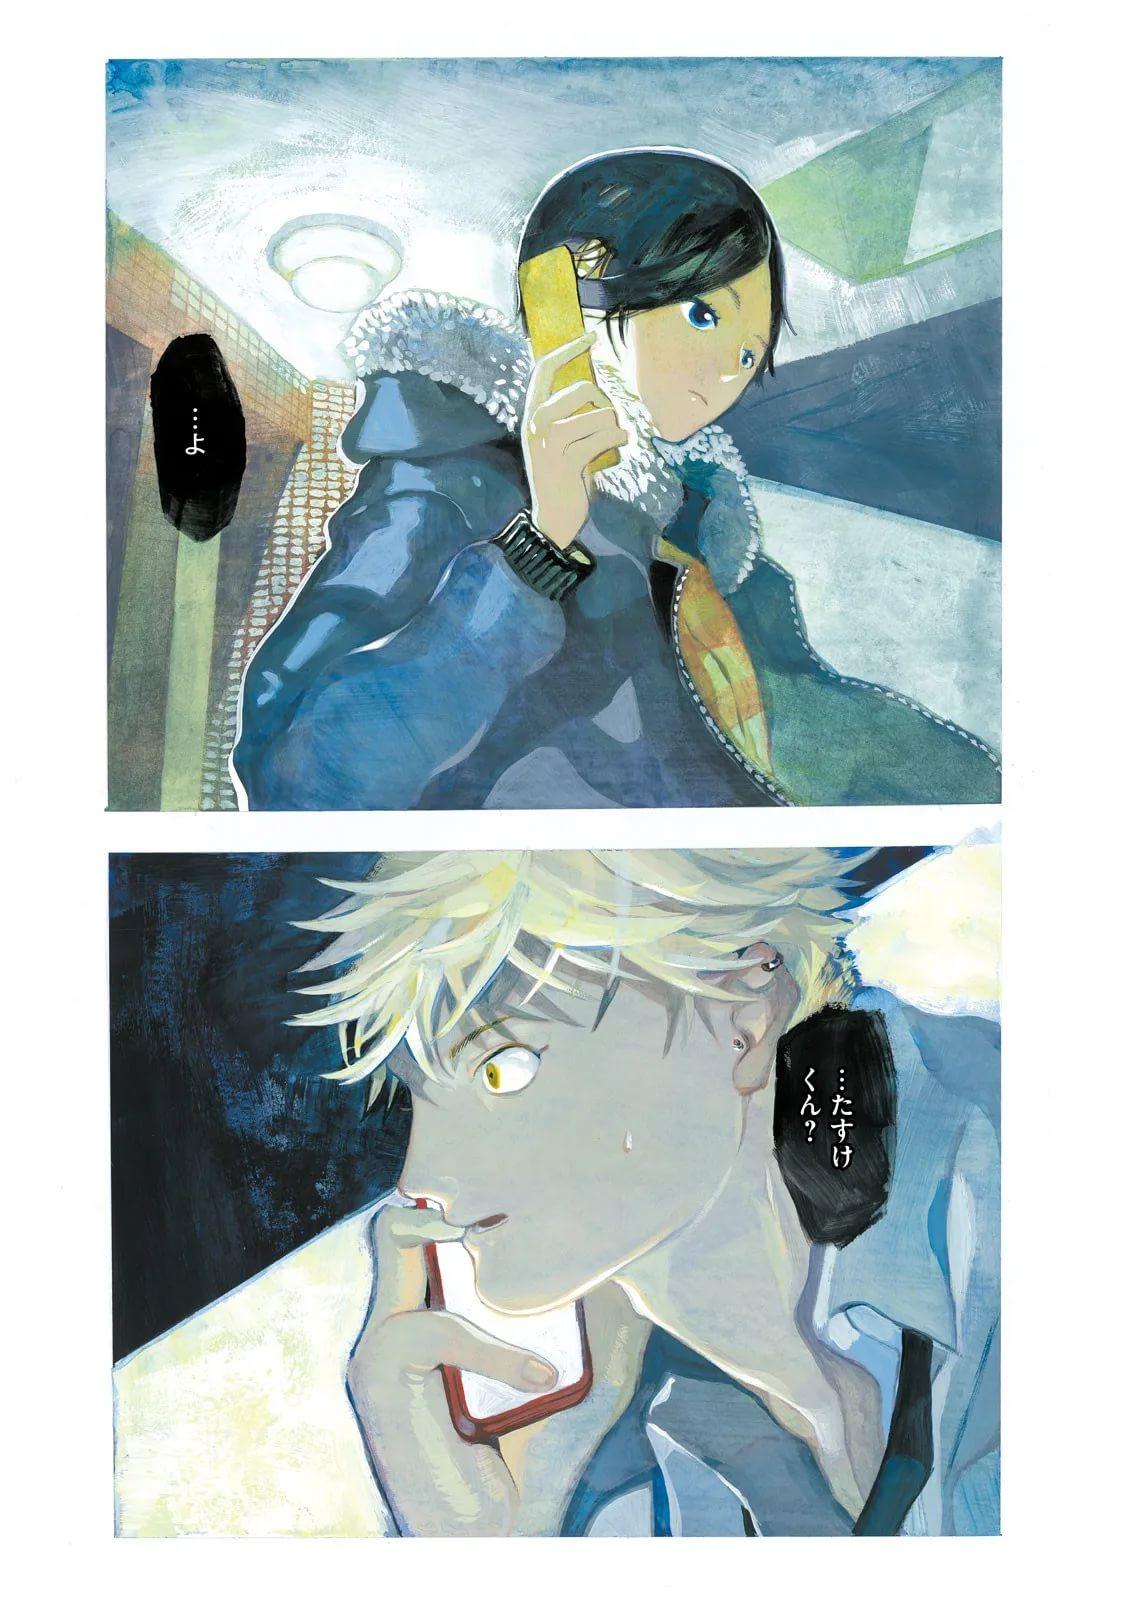 Голубой период, арт из аниме (2)